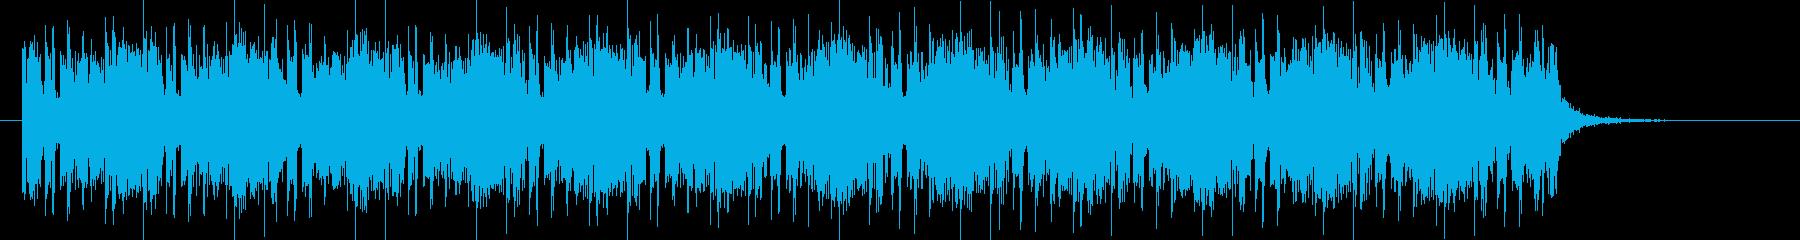 神秘的でマイナーなテクノジングルの再生済みの波形